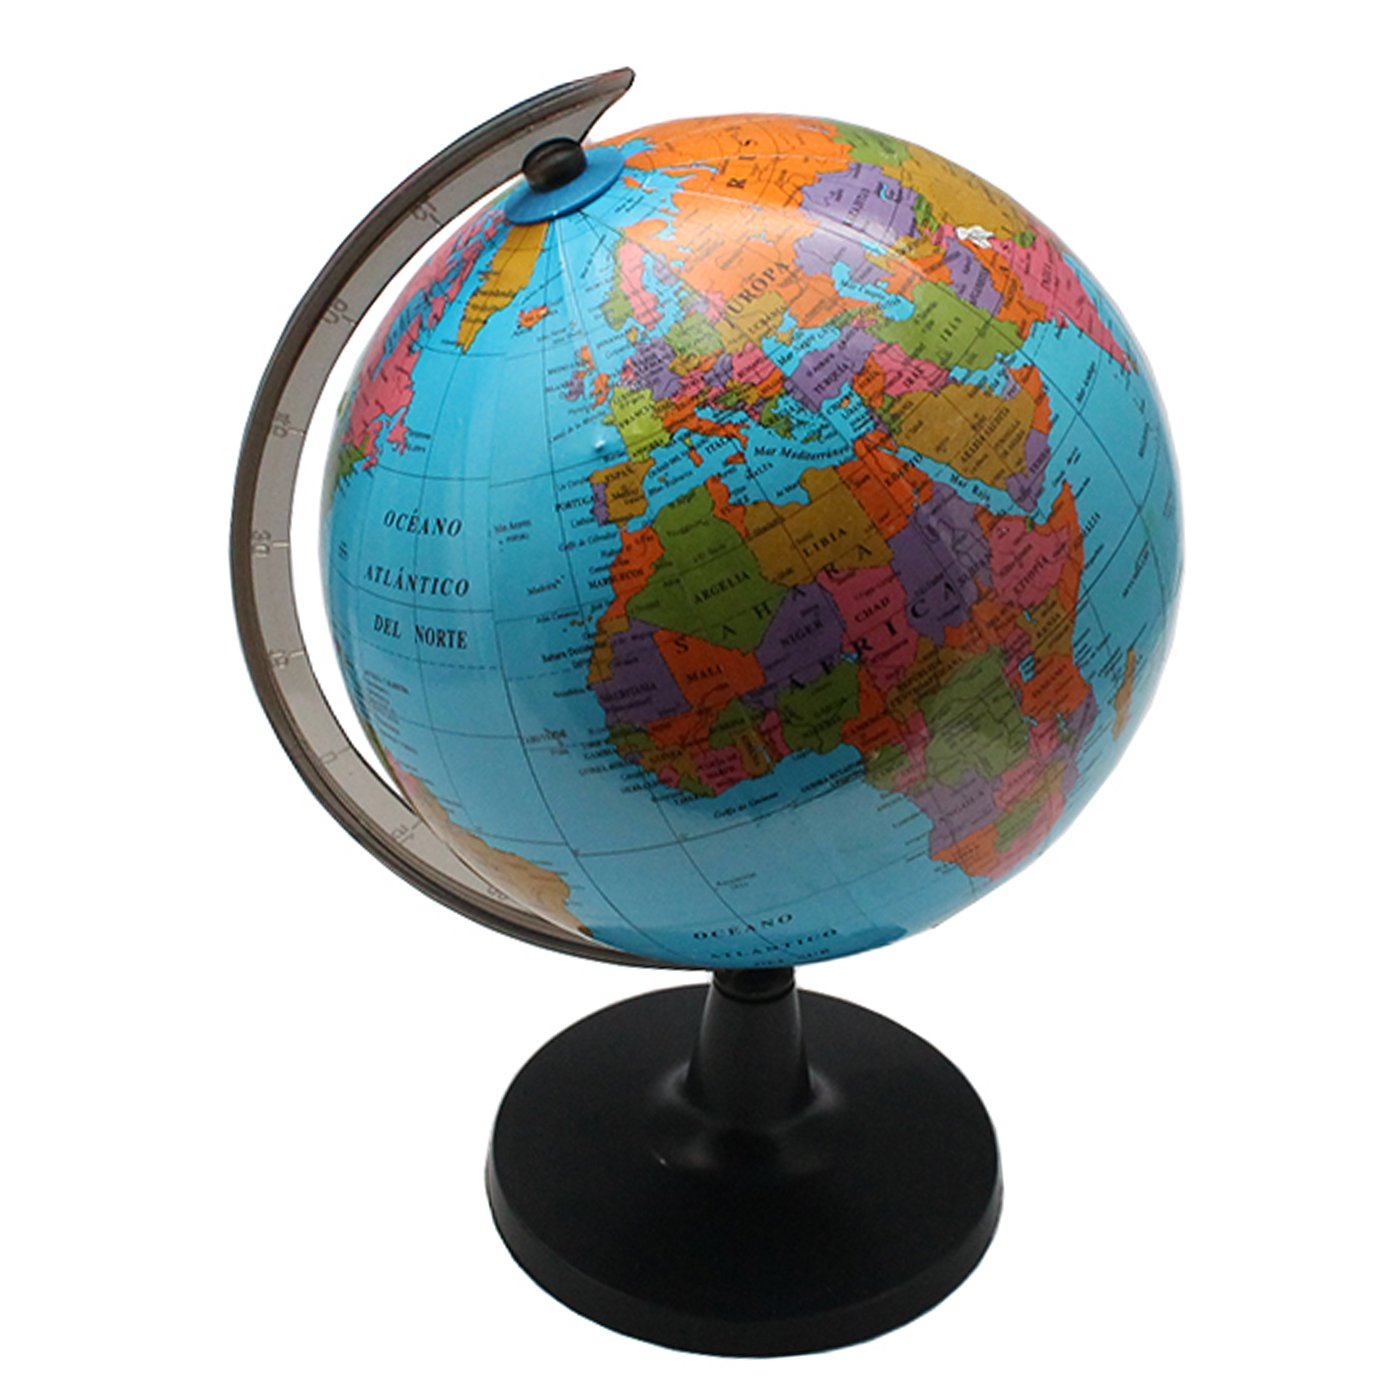 Globo terráqueo 14.16 cm: Amazon.es: Juguetes y juegos